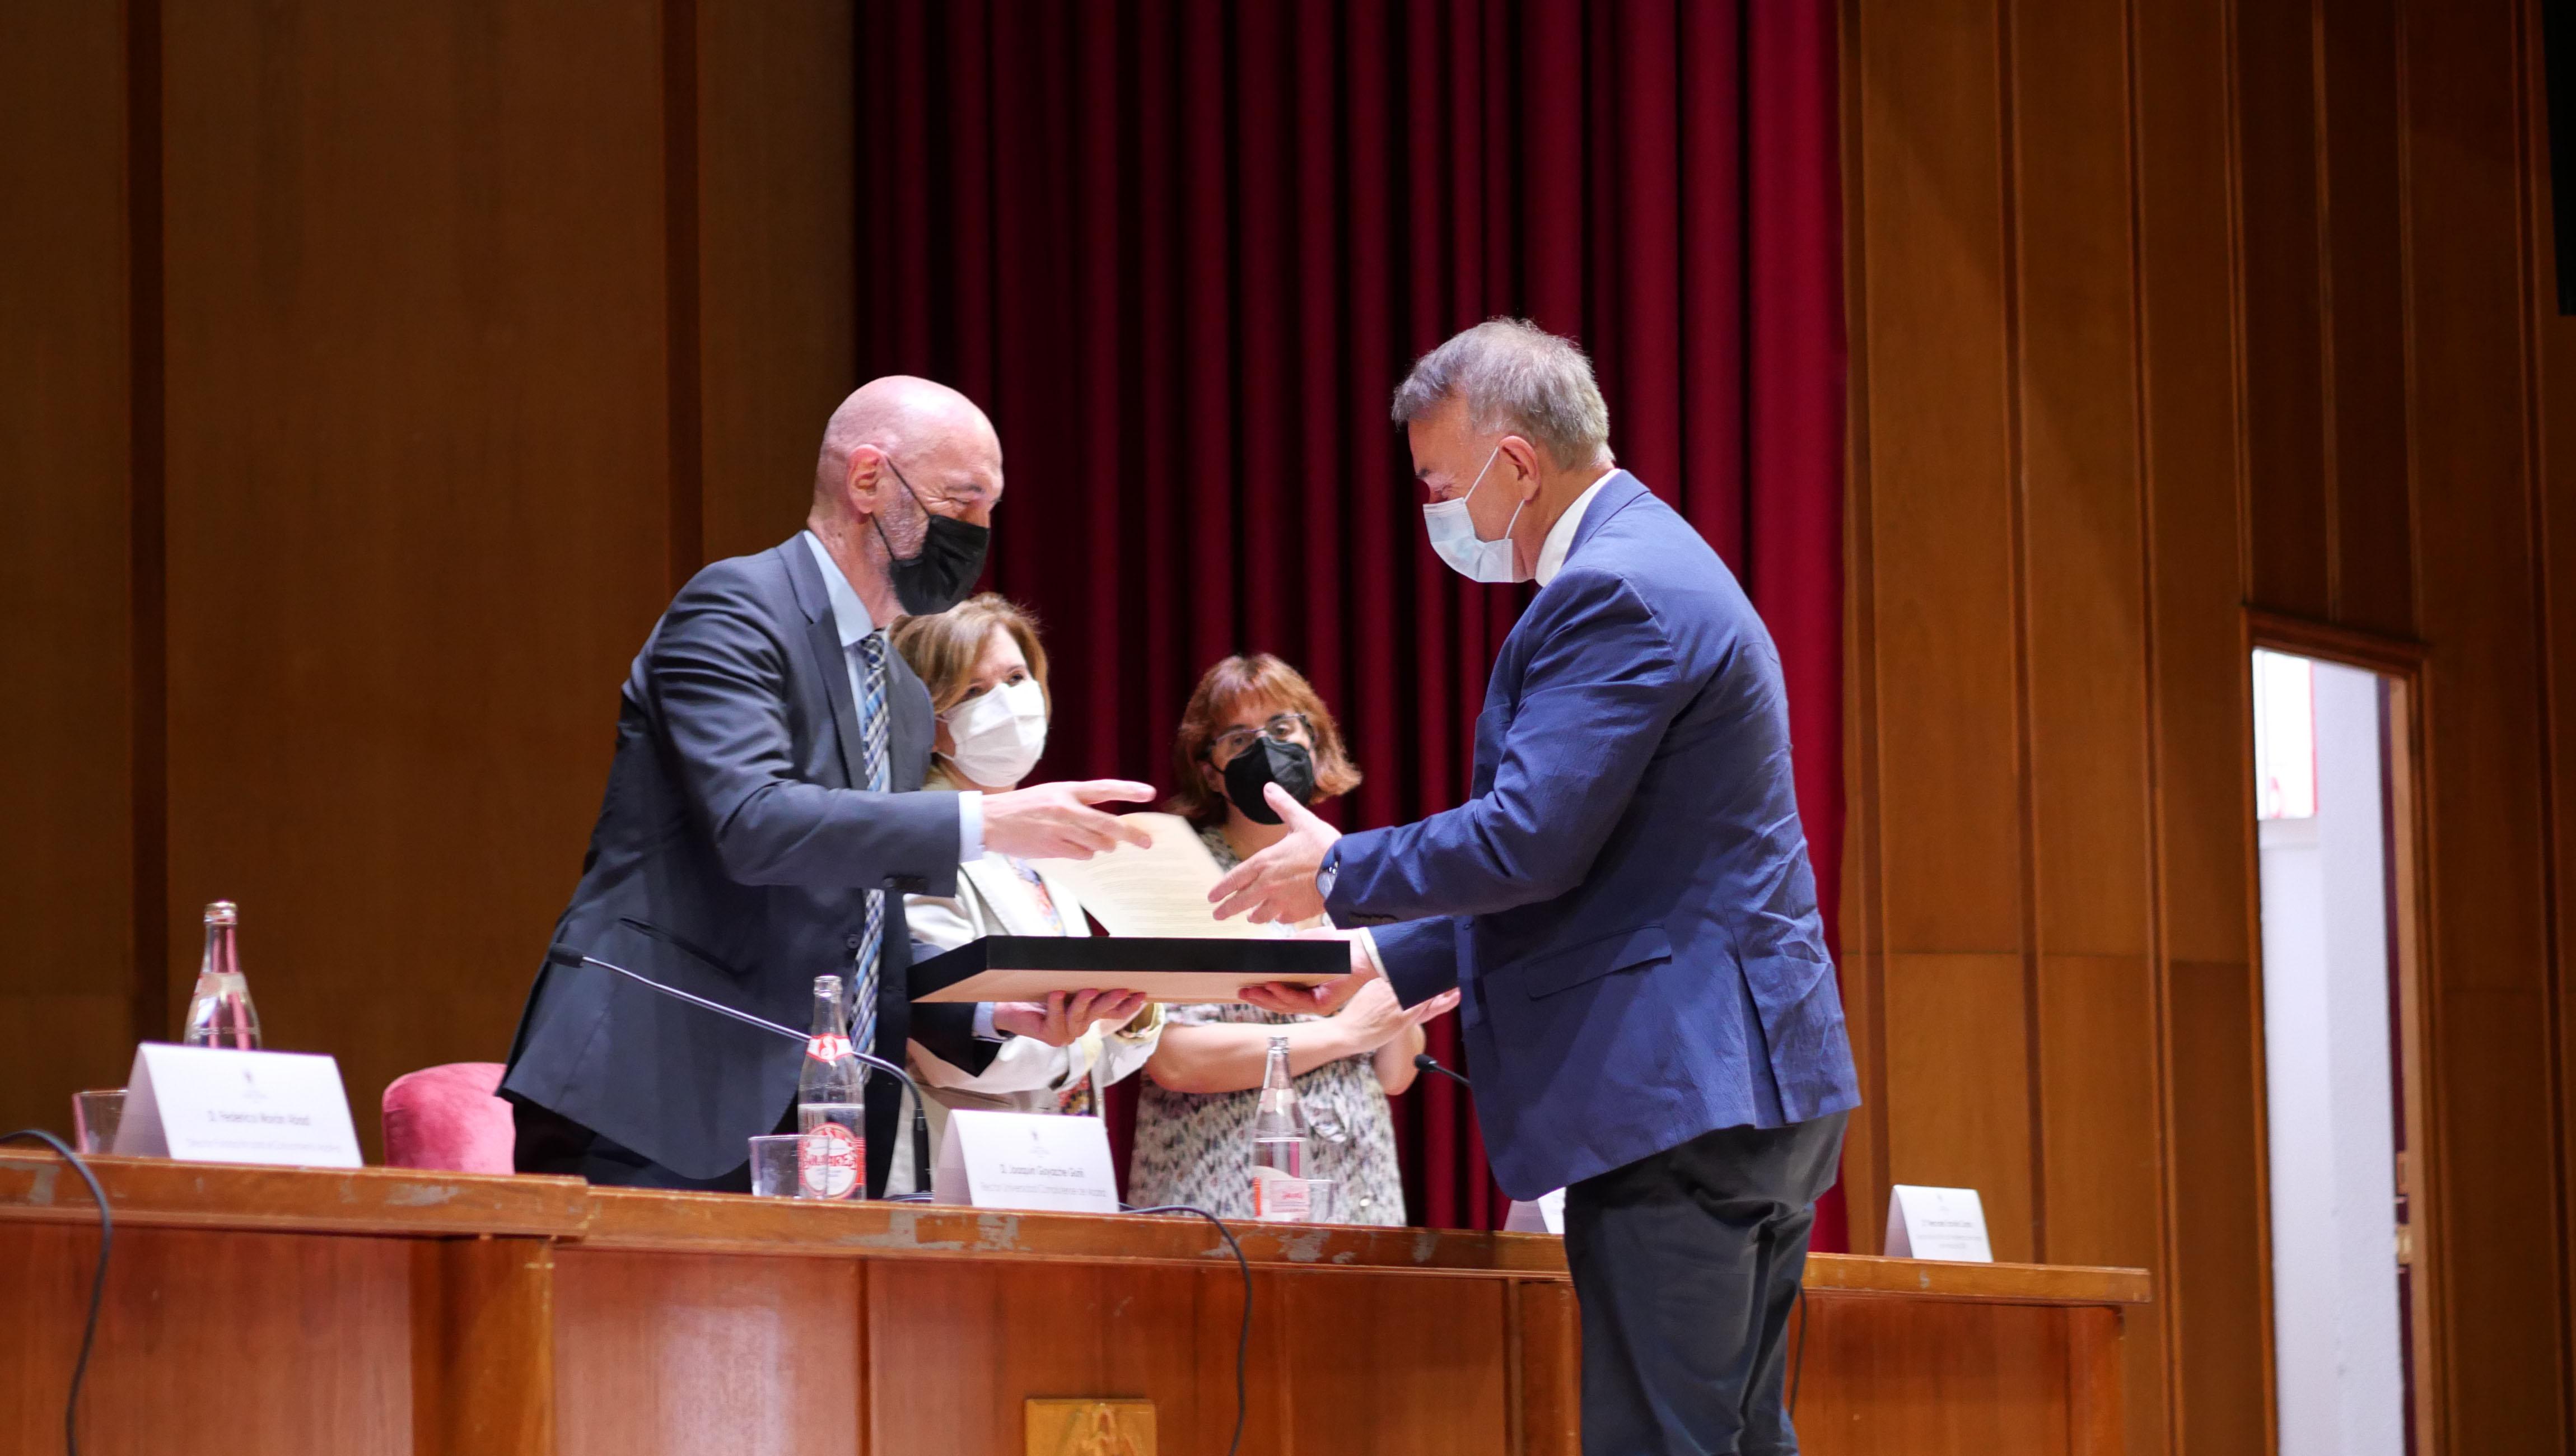 El profesor Javier Pérez Trujillo recibe su premio de manos del rector de la Universidad, Joaquín Goyache